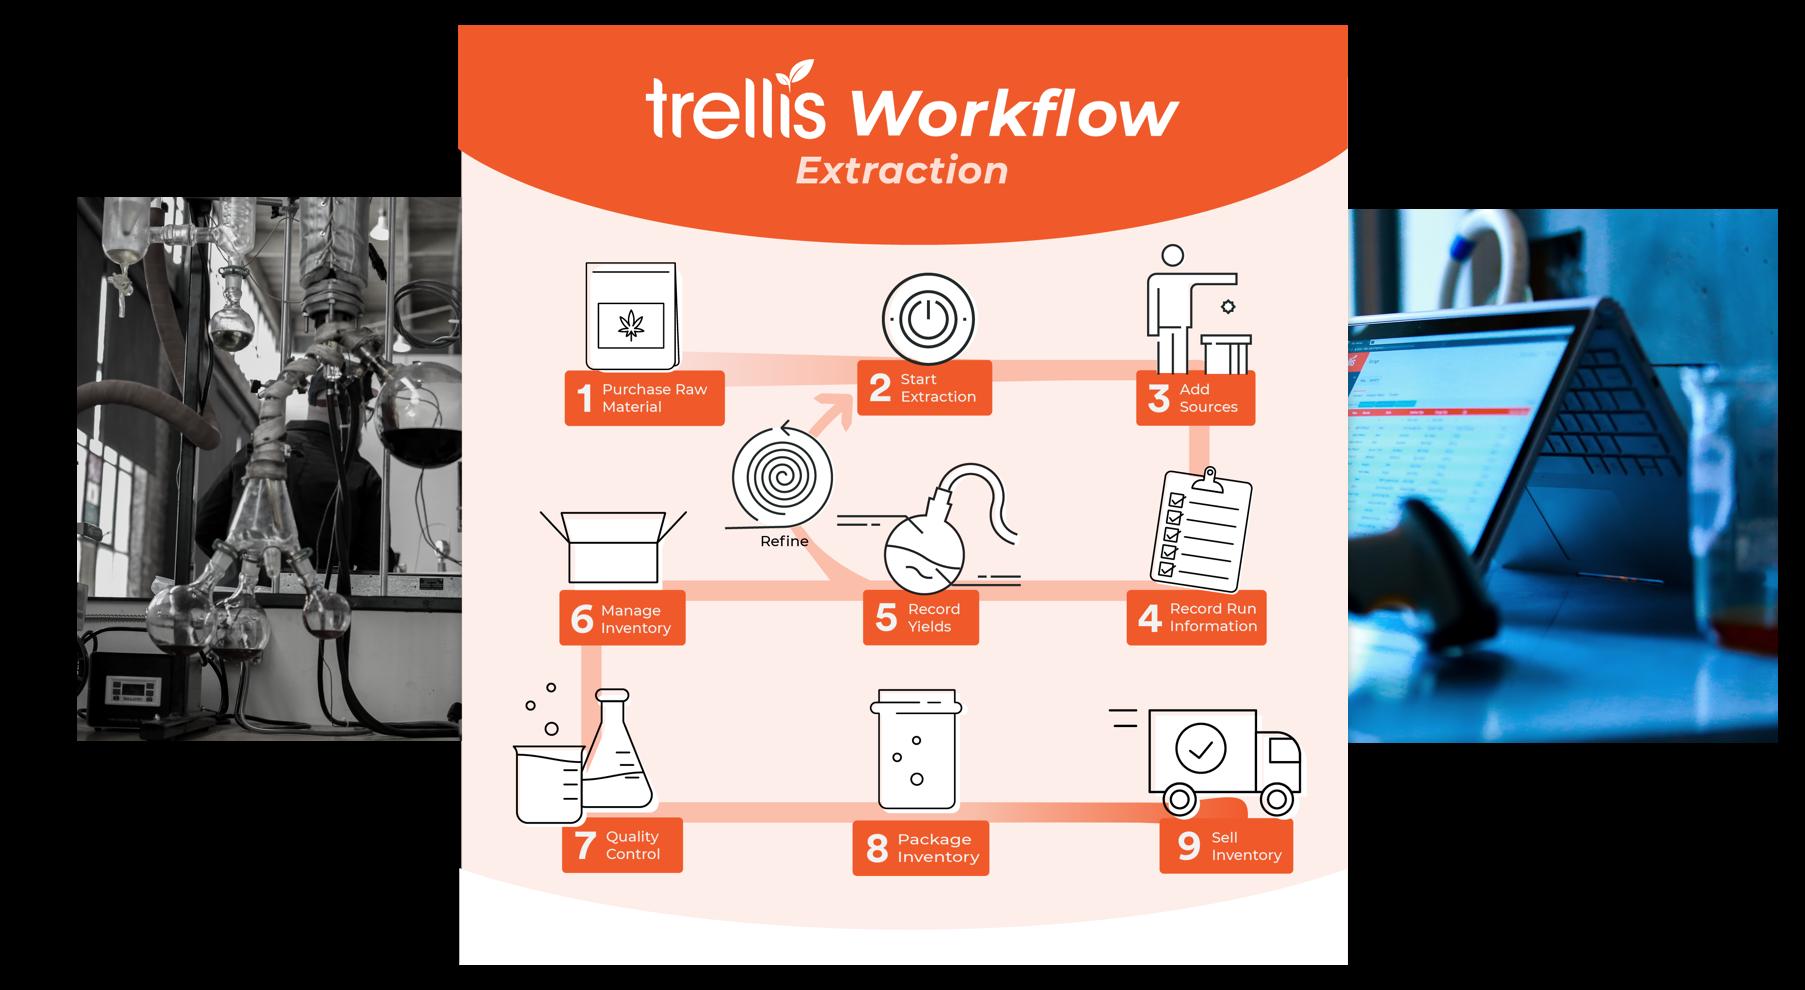 trellis_workflow